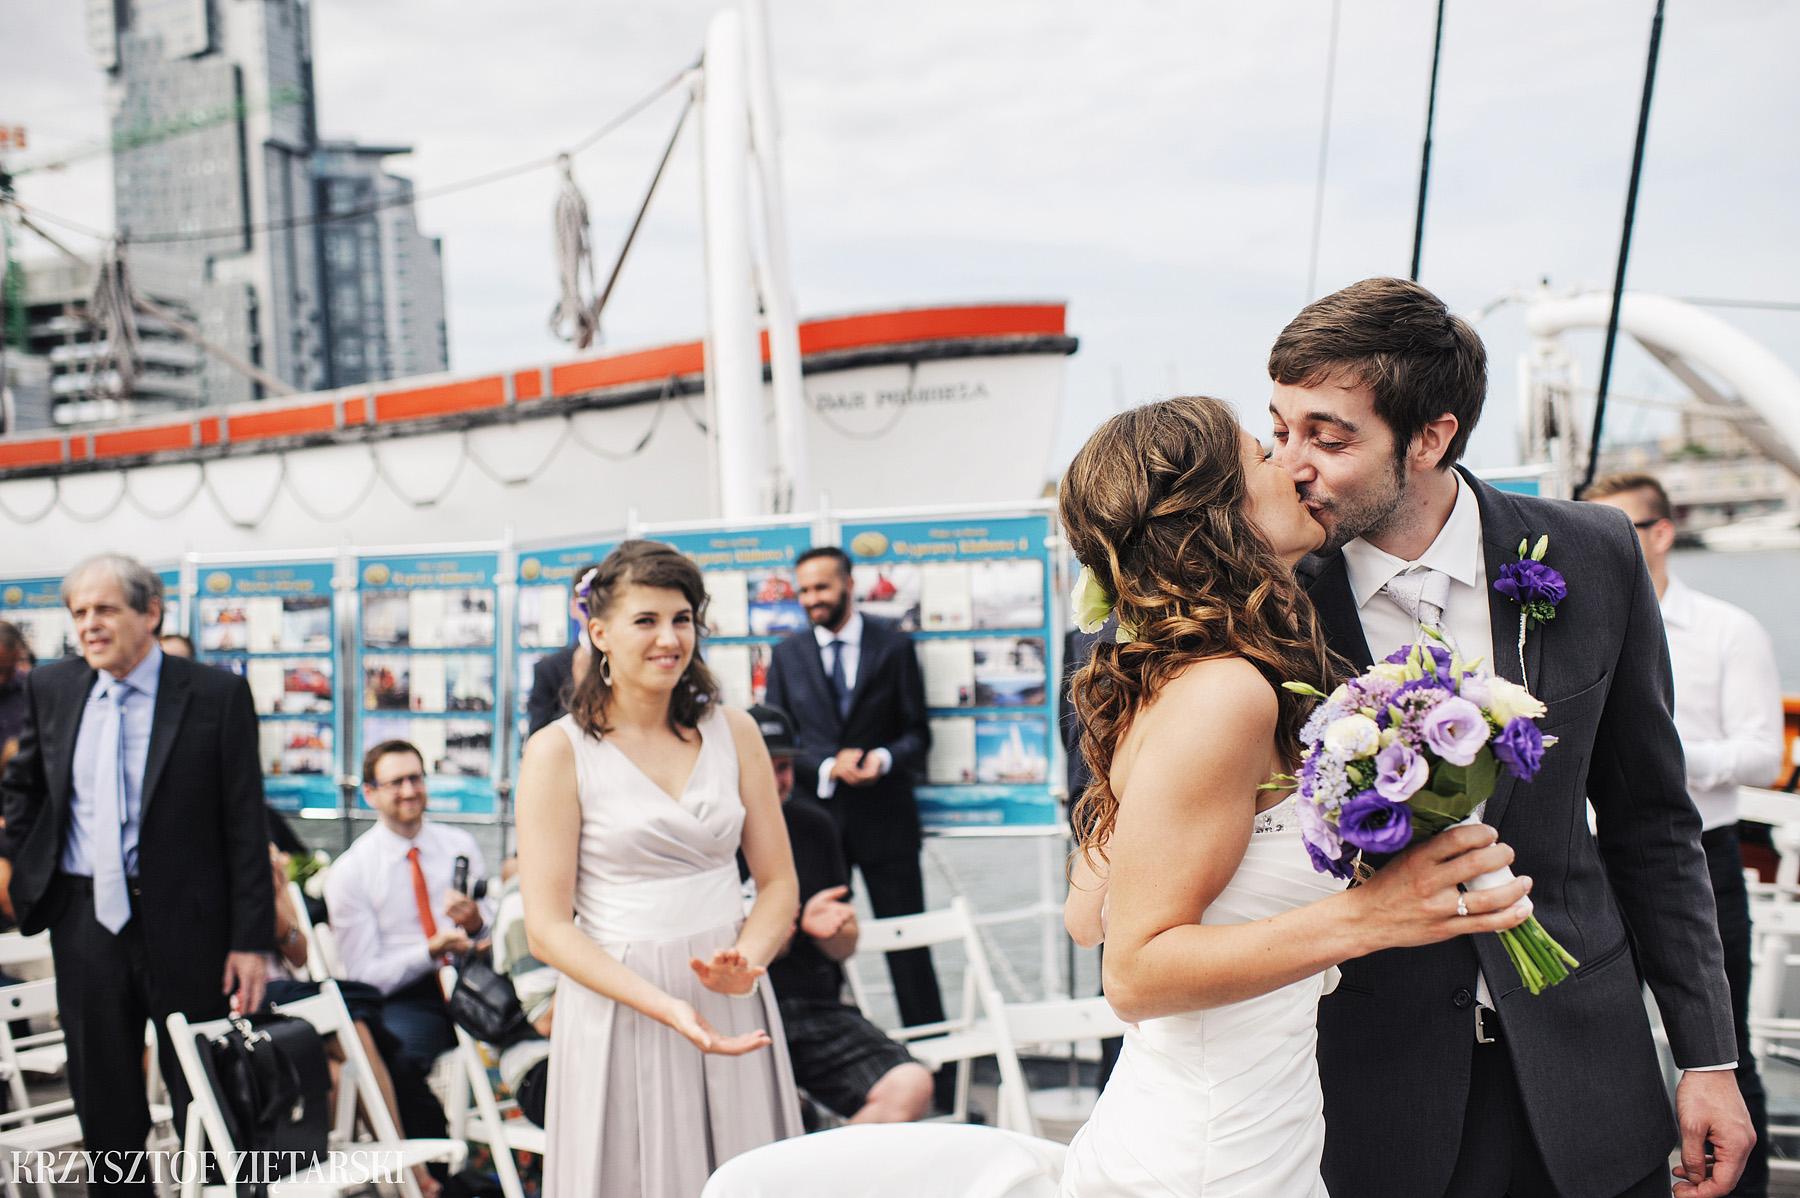 Gosia i Gabriele - Fotografia ślubna Gdynia - Dar Pomorza, Gościniec dla Przyjaciół Wyczechowo, Sea Towers - 20.